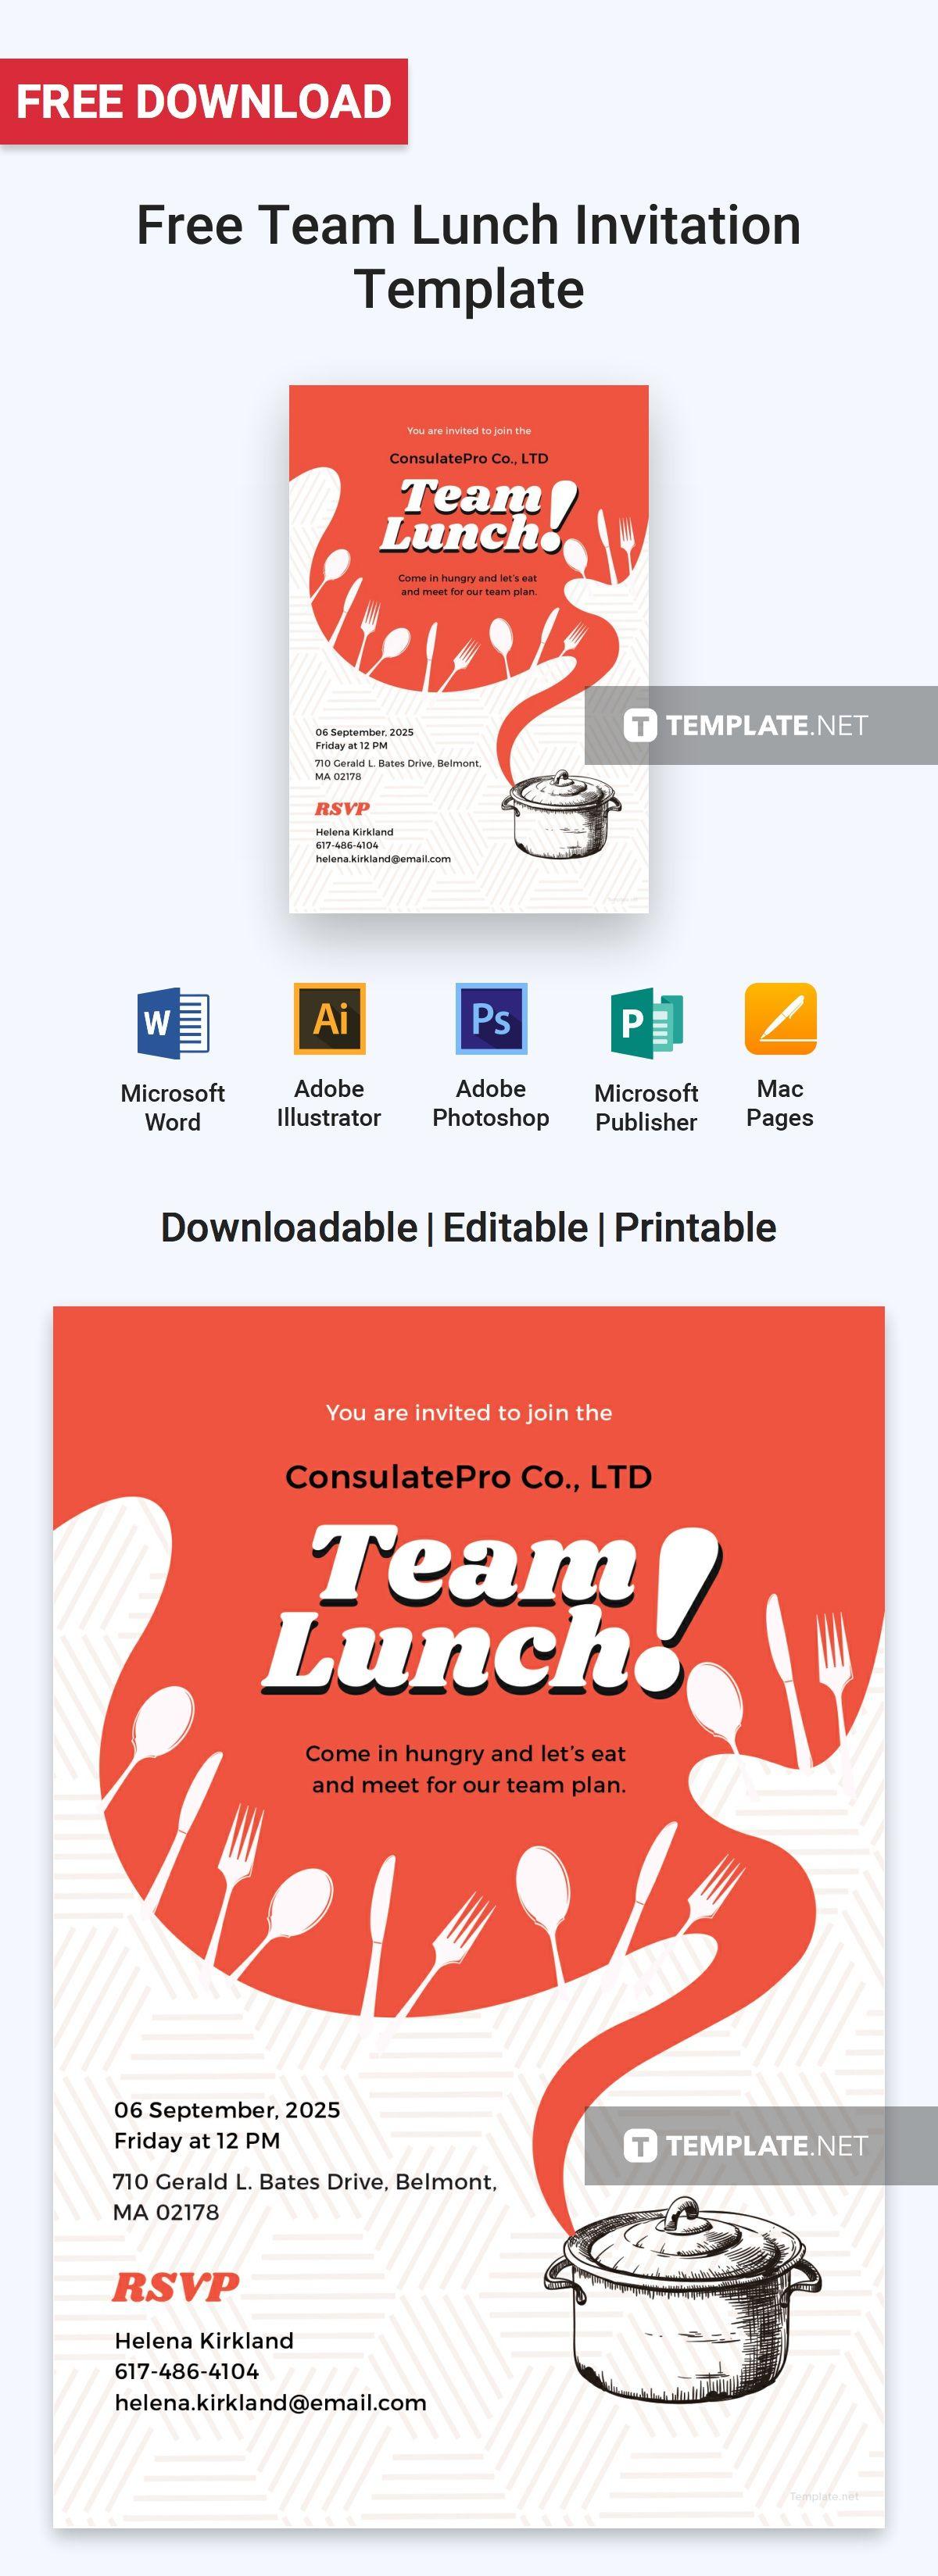 free team lunch invitation invitation templates designs 2019